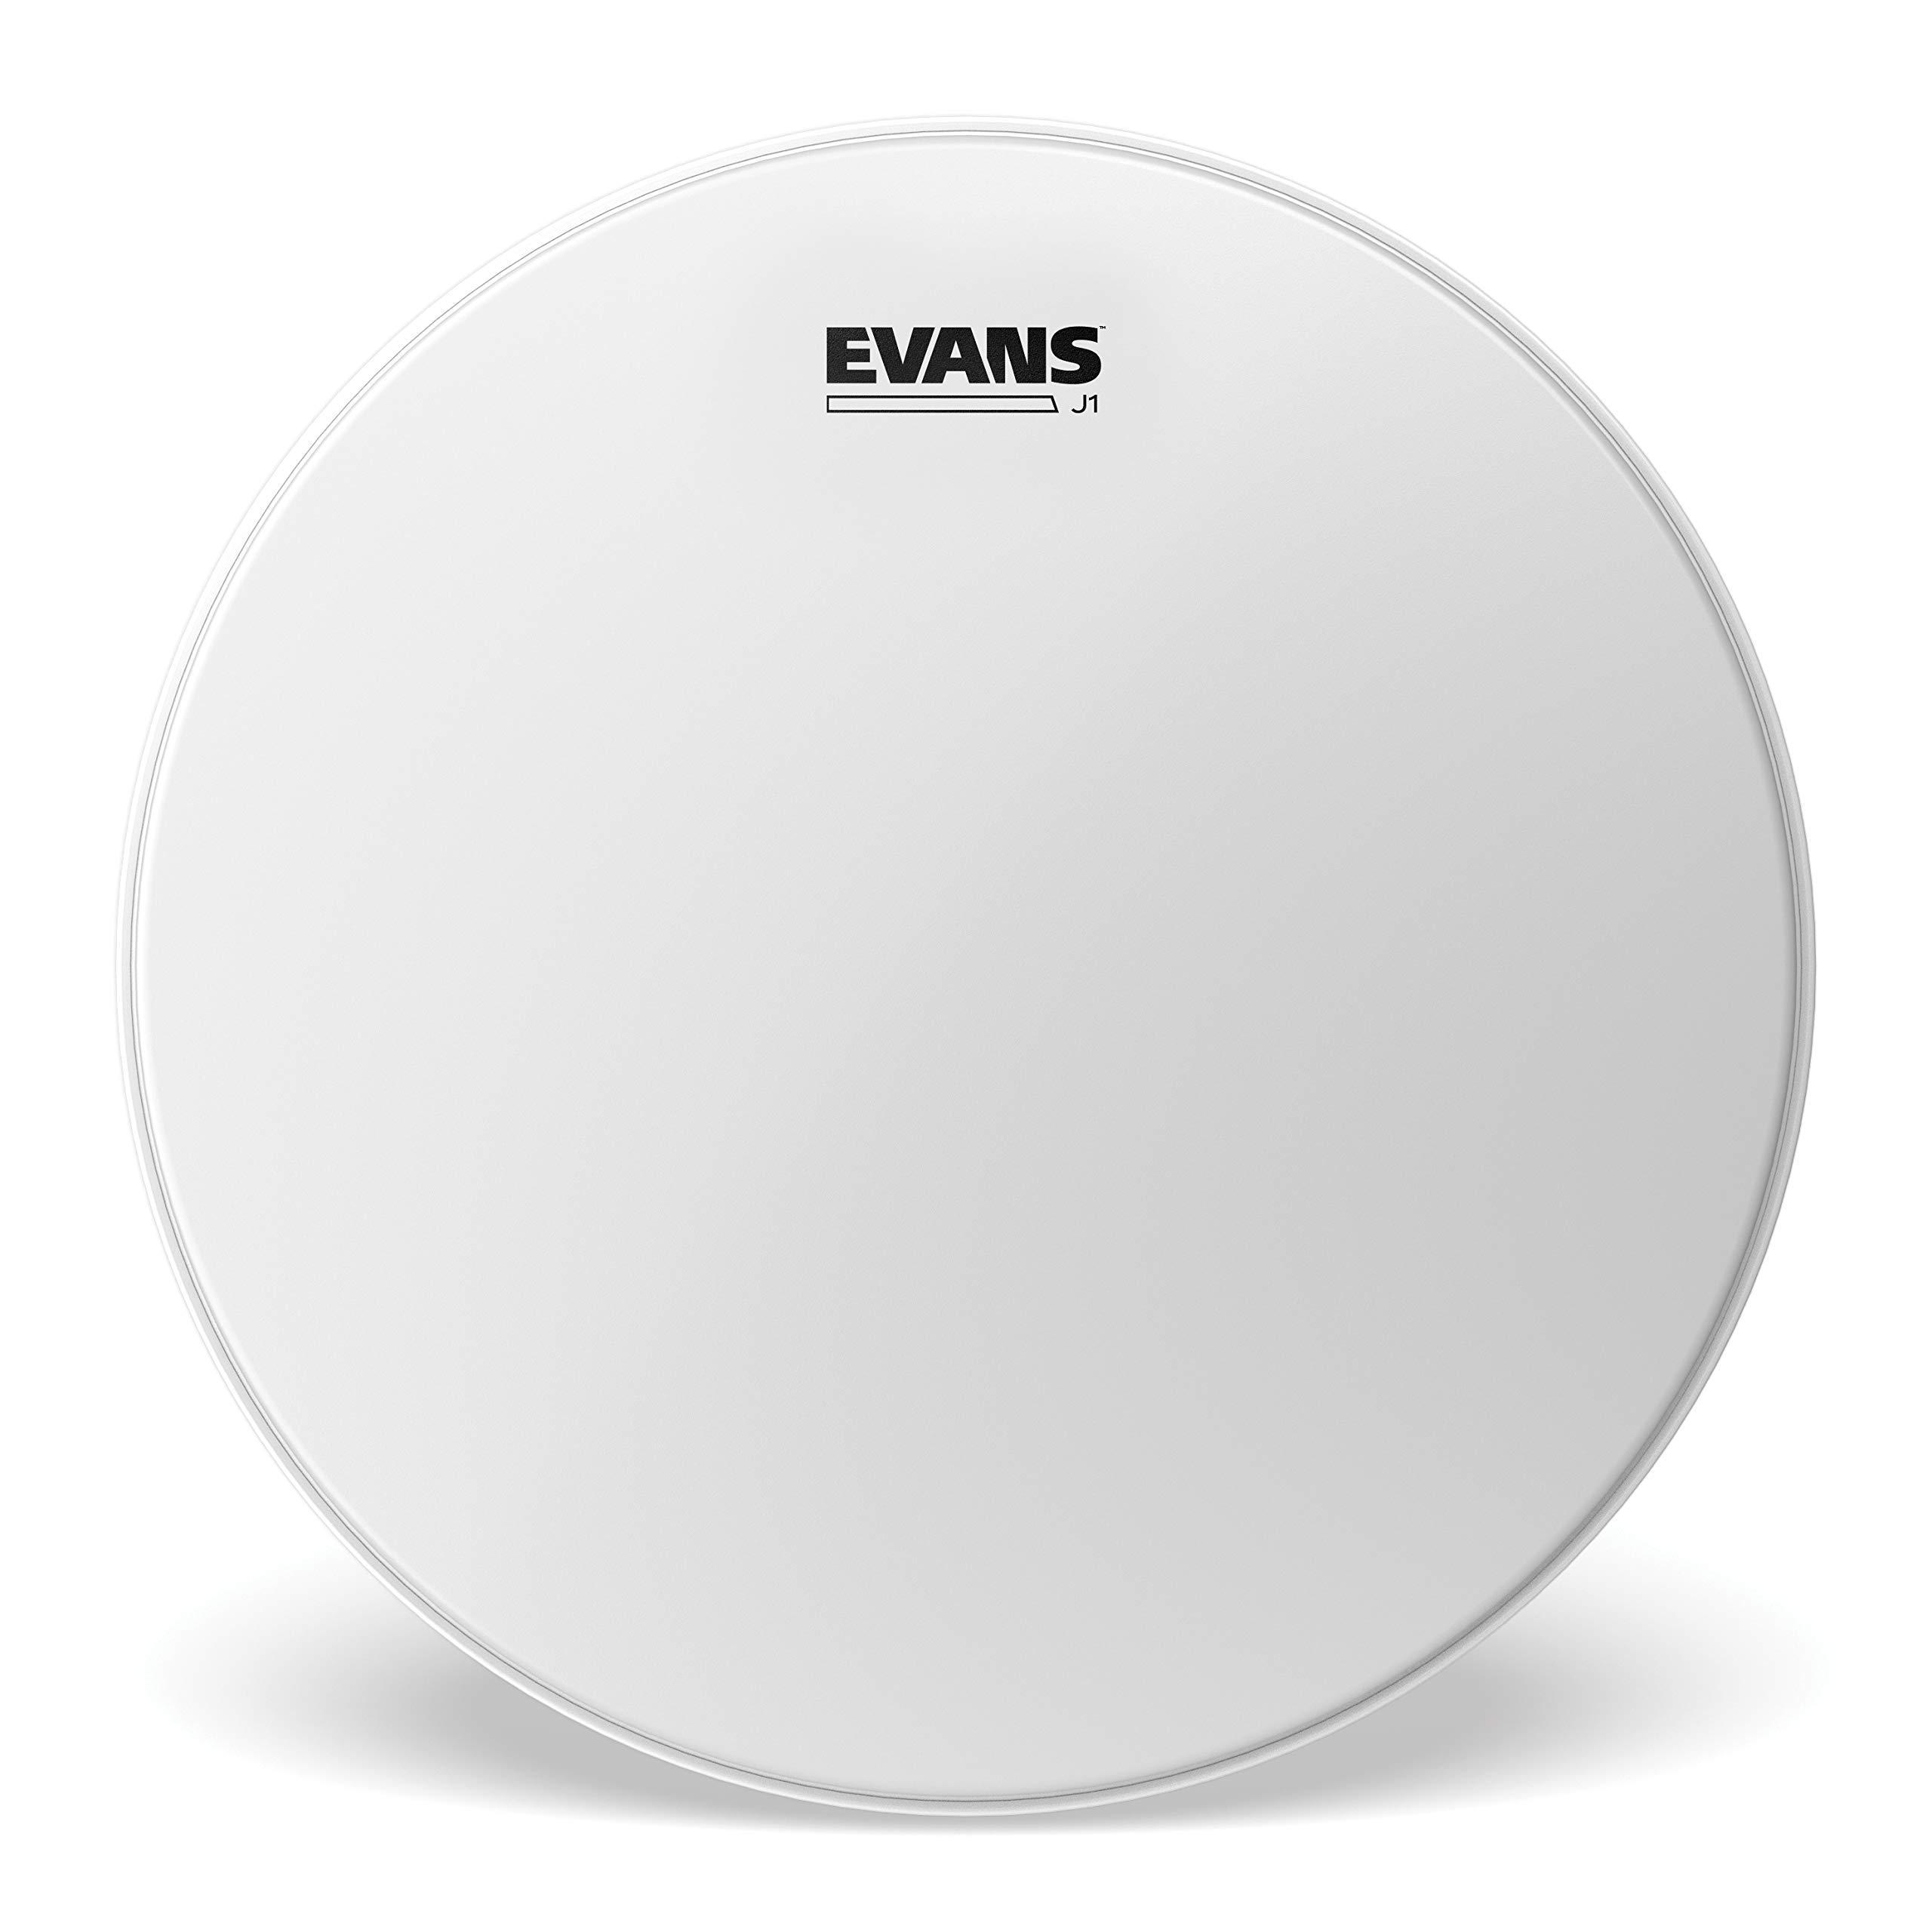 Evans J1 Etched Drumhead, 10 Inch